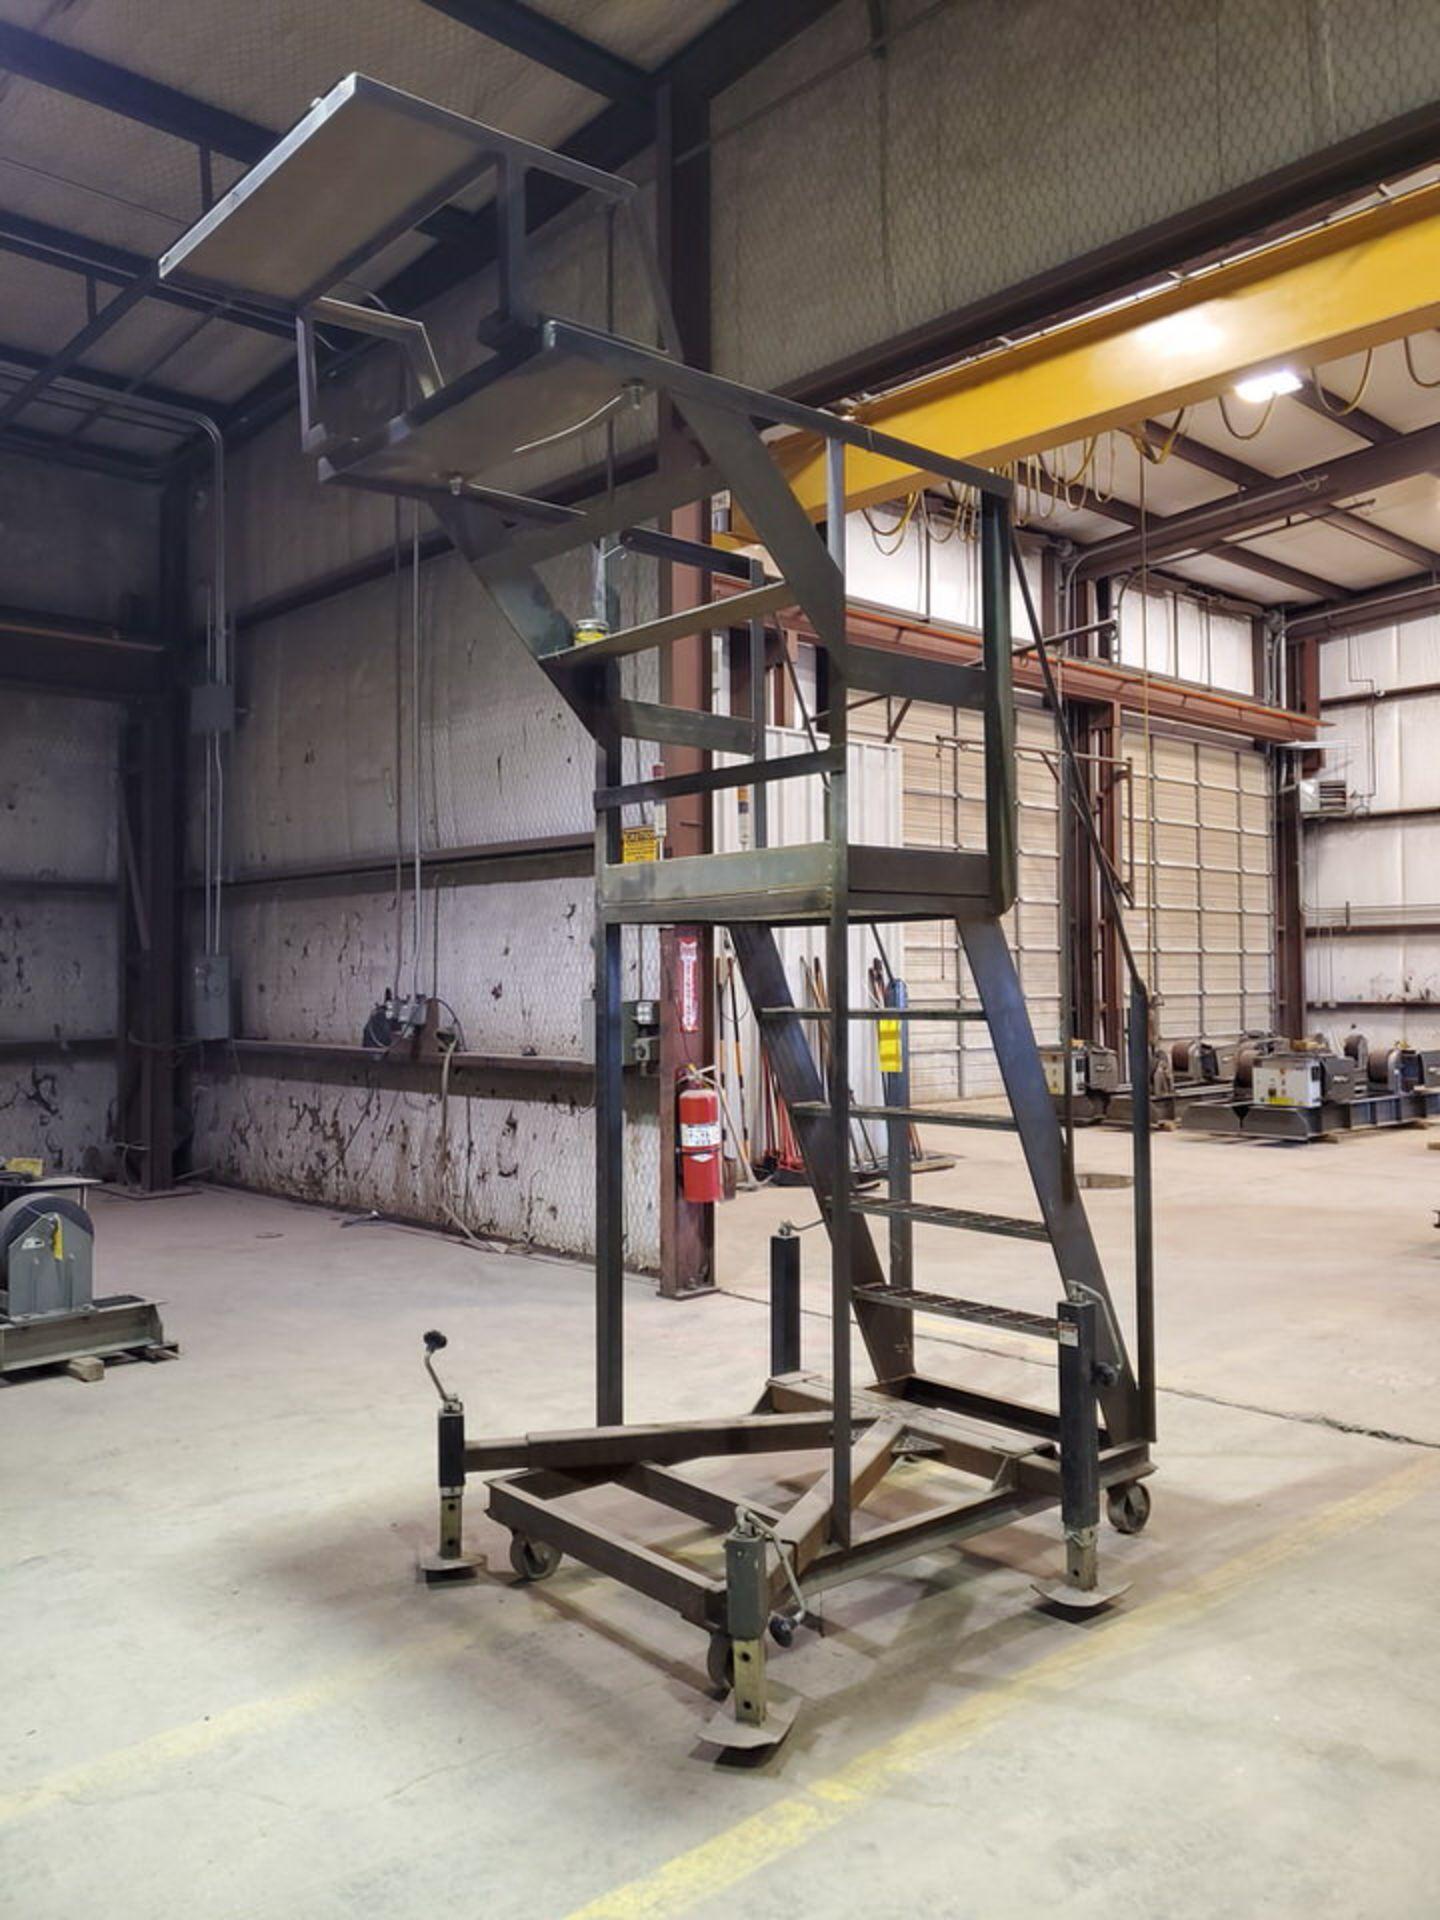 """Stl 4-Step Roling Platform Ladder 6' x 4'6"""" x 10'H; 7K Cap. - Image 5 of 8"""